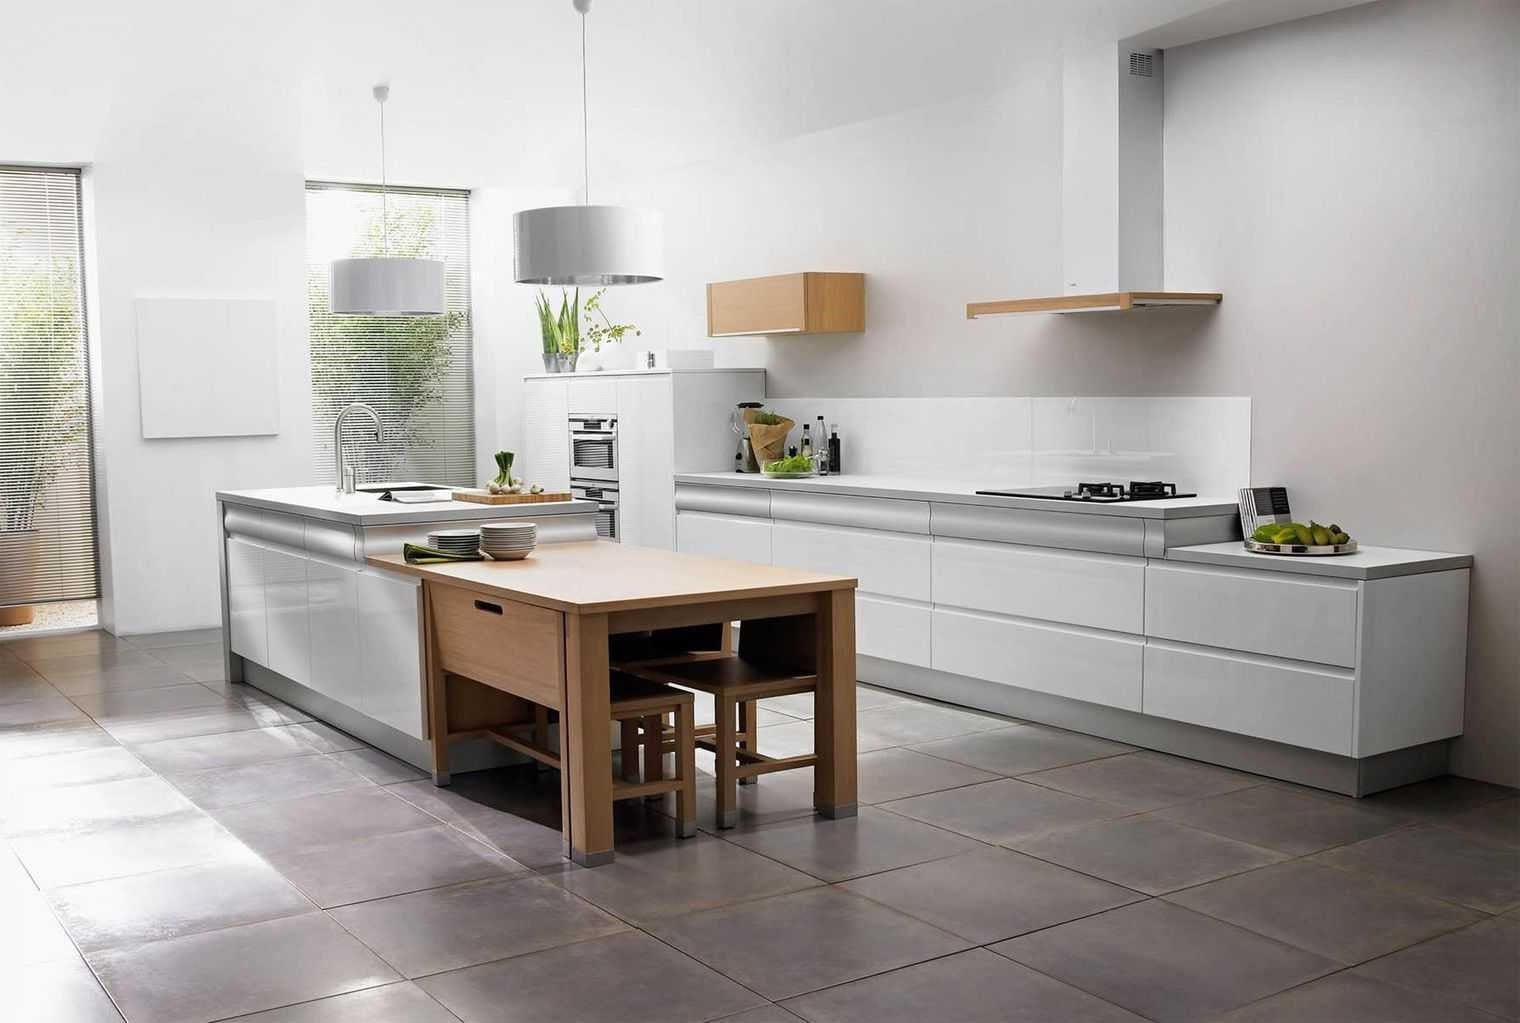 Cuisine Blanche Et Bleu cuisine blanche et bois : 25 idées et photos | ctendance.fr